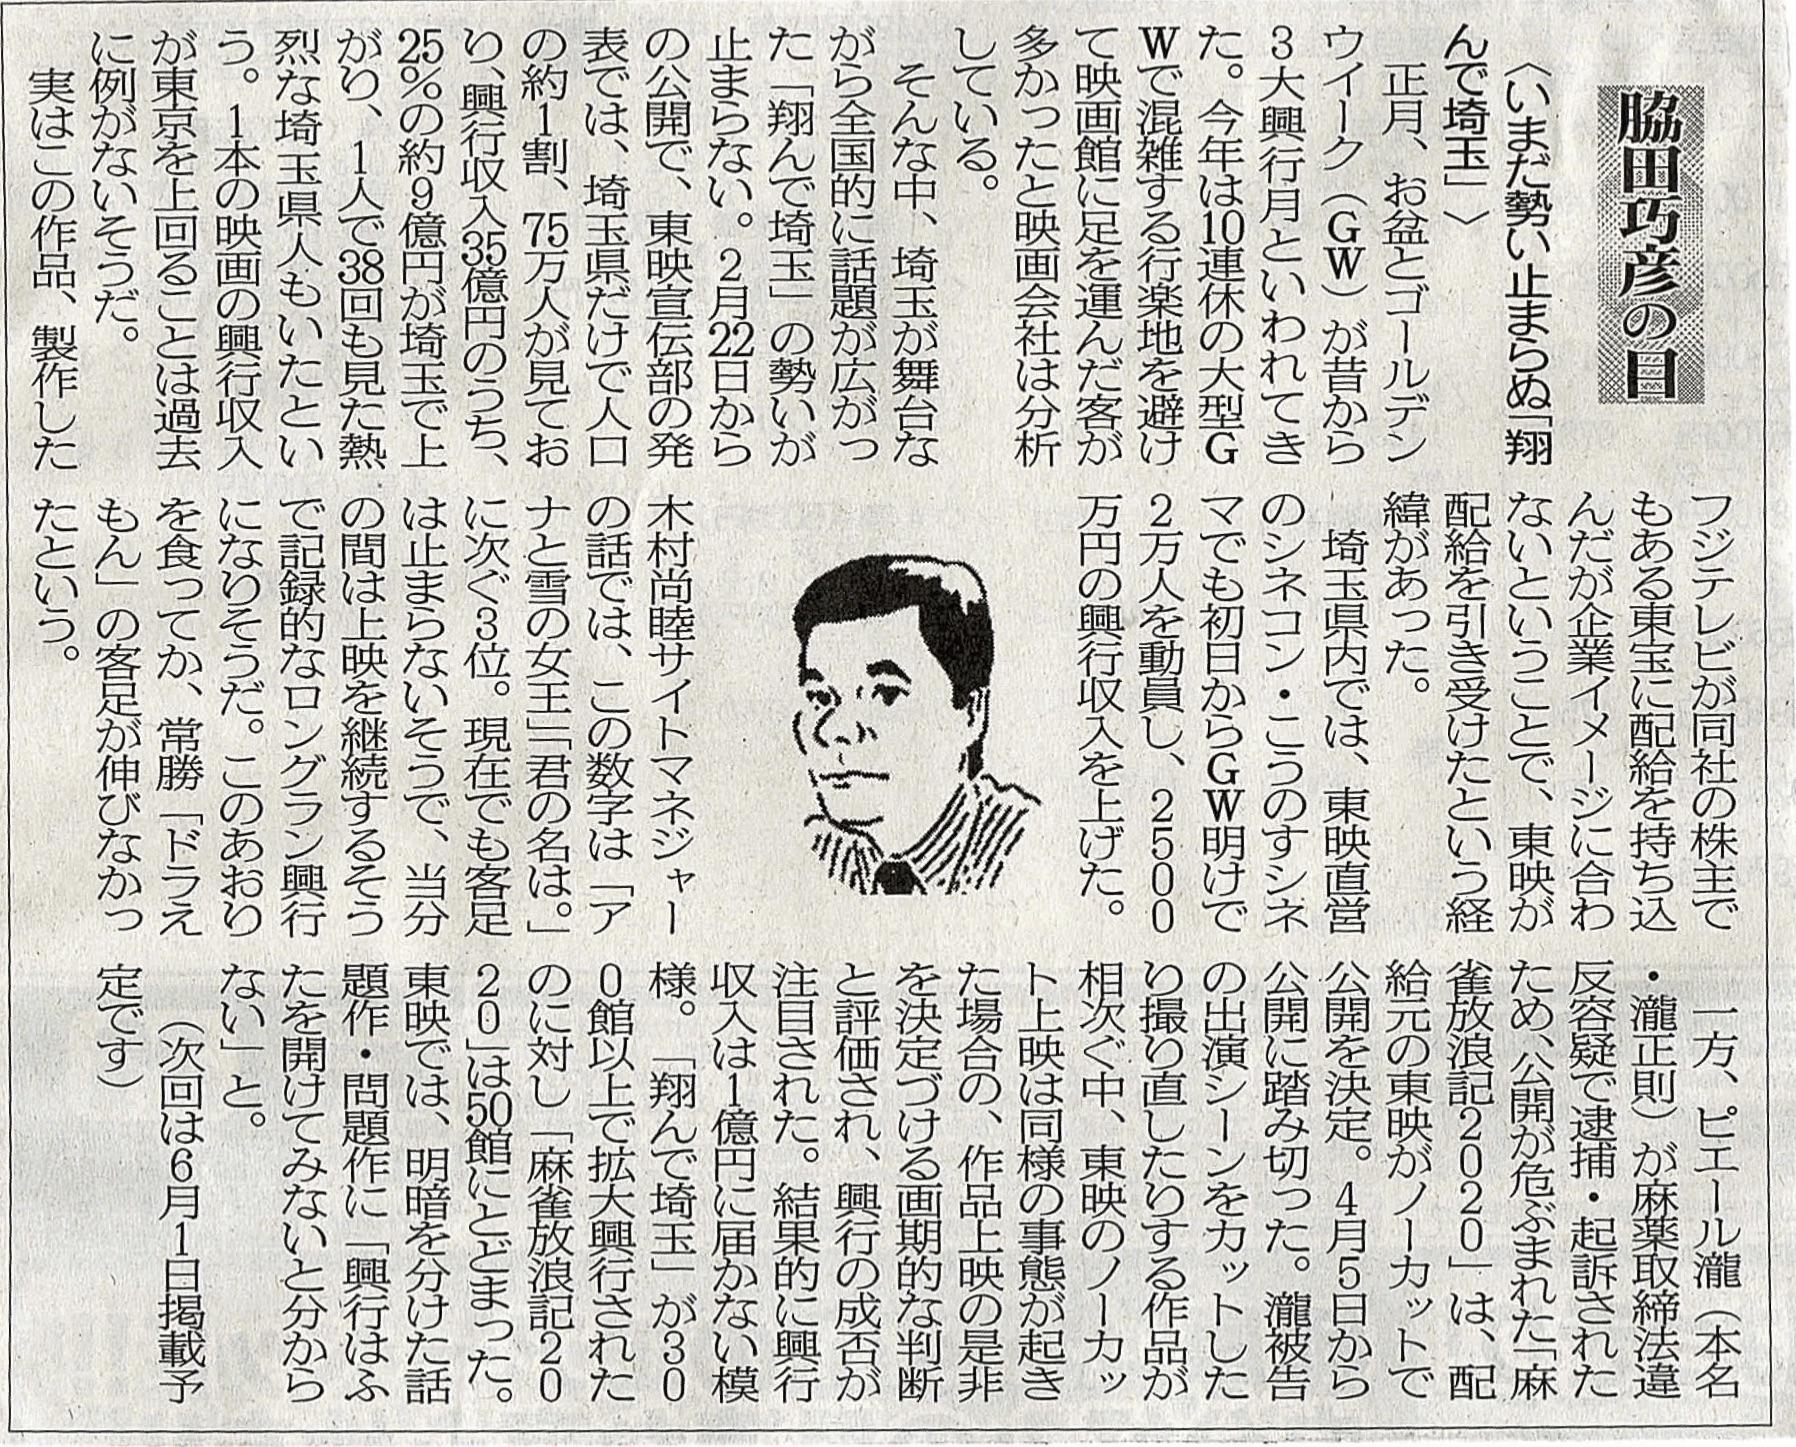 2019年05月18日 いまだ勢い止まらぬ「翔んで埼玉」